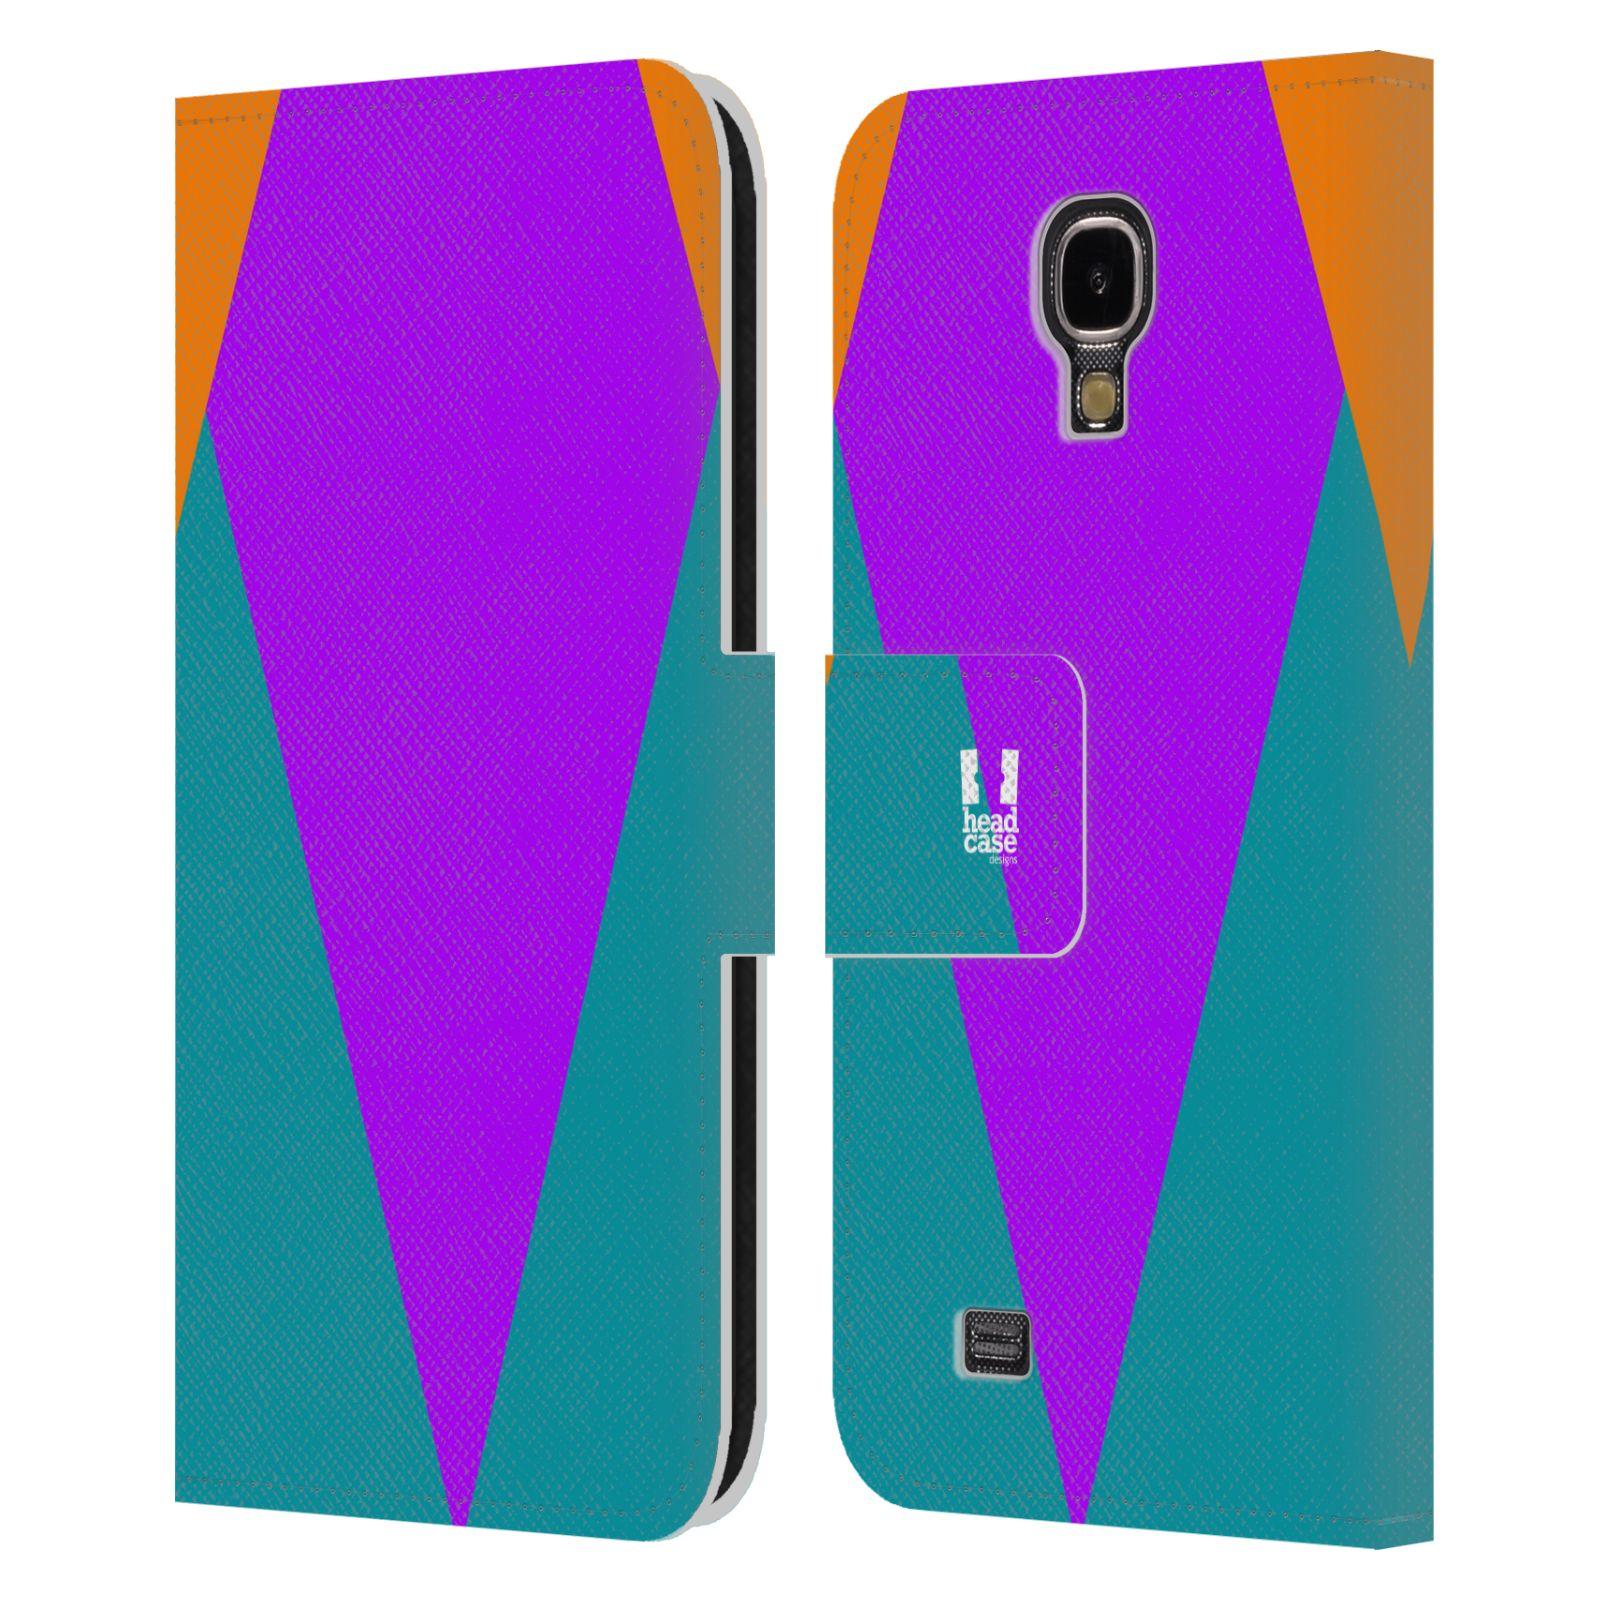 HEAD CASE Flipové pouzdro pro mobil Samsung Galaxy S4 I9500 barevné tvary šipka fialová